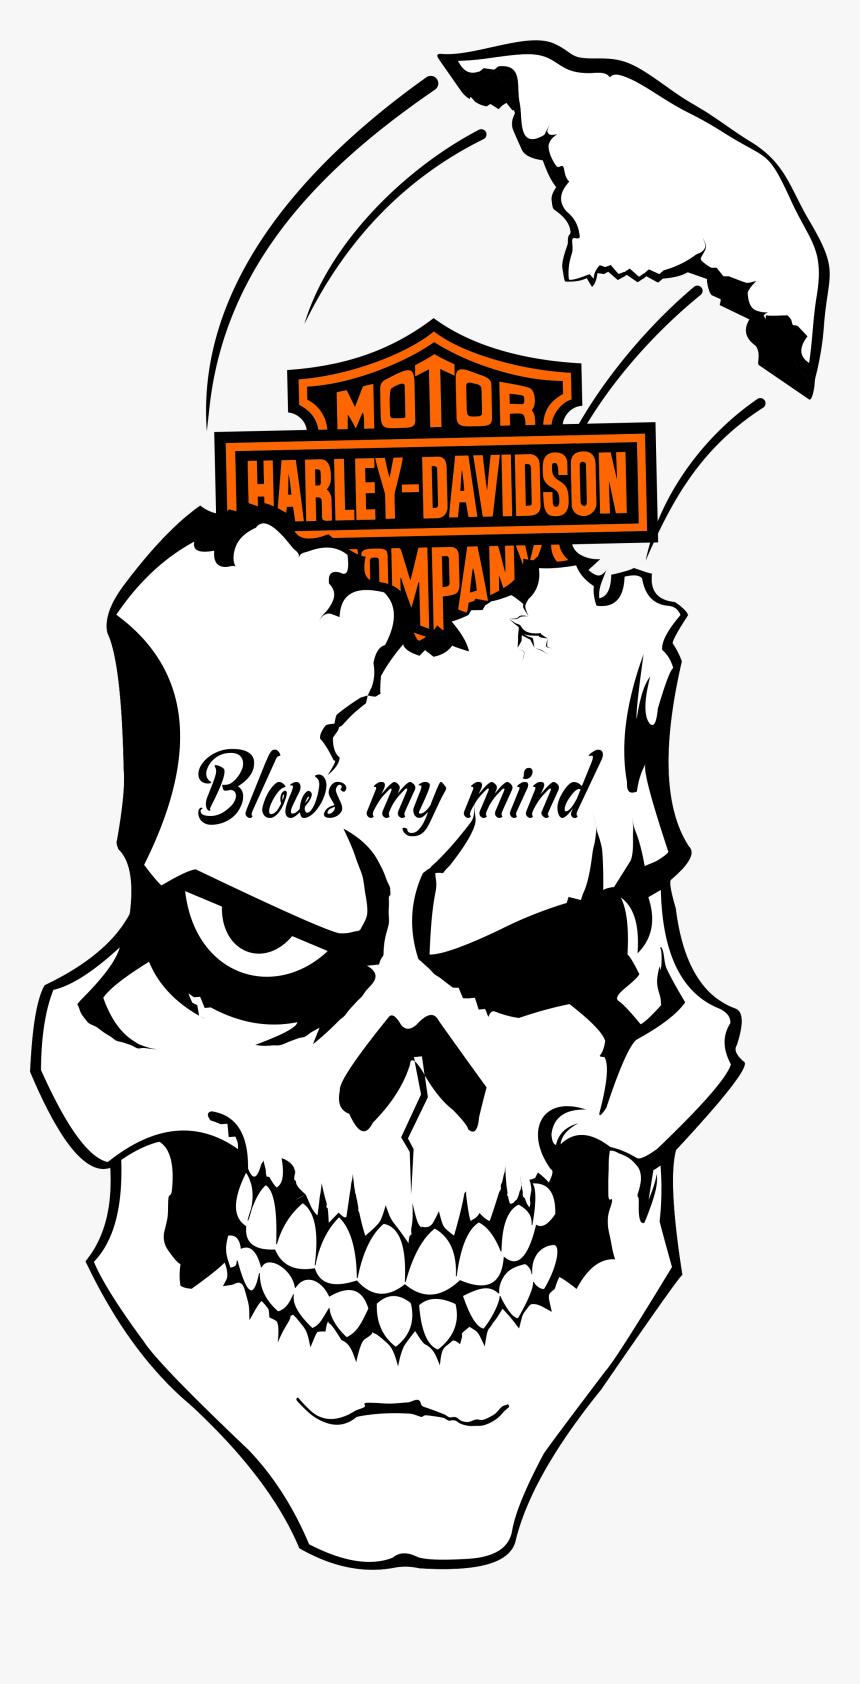 Harley Davidson Flaming Skull 8 Vinyl Decal By Angiesaffordables Harley Davidson Logo Art Hd Png Download Transparent Png Image Pngitem